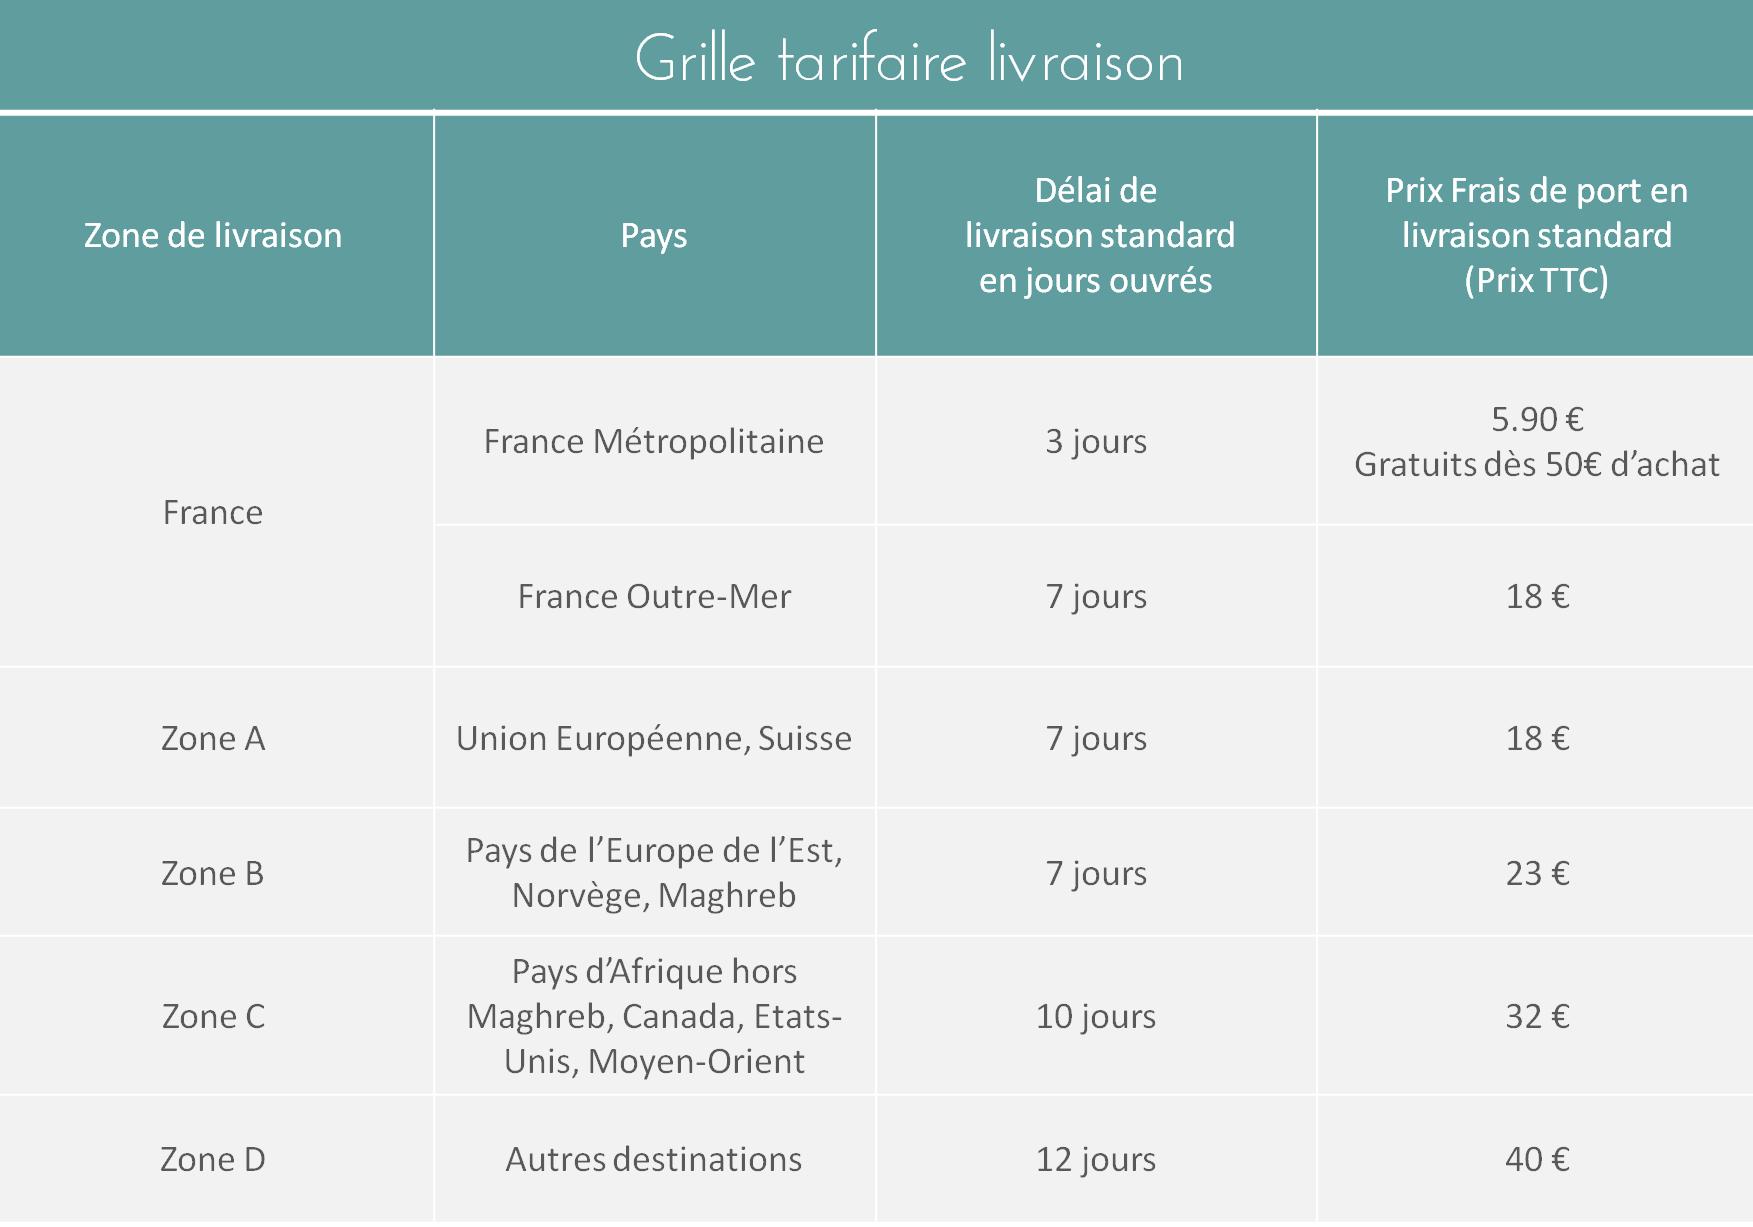 Grille_tarifaire_de_livraison.png